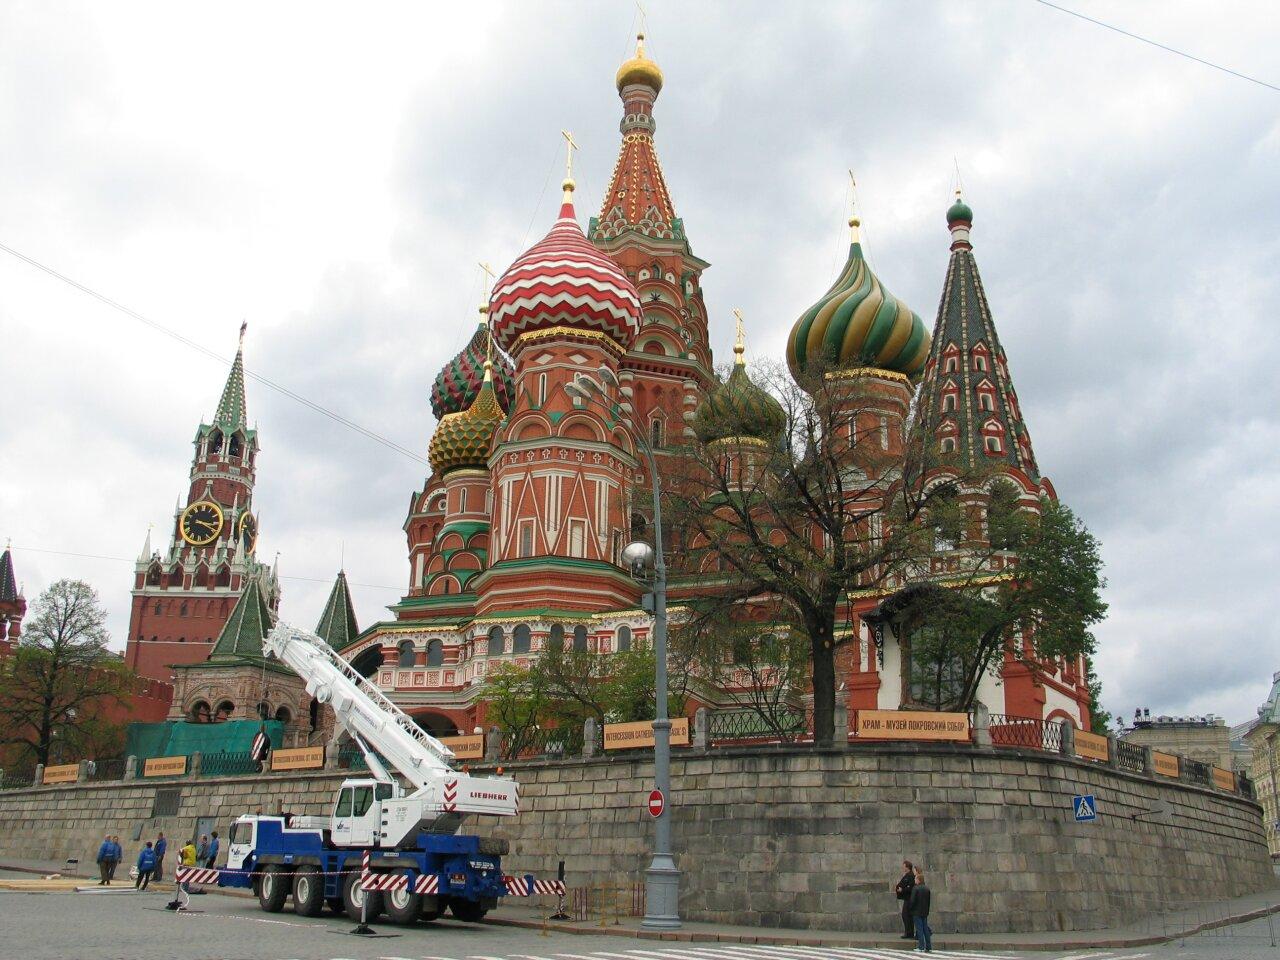 Адреса оао банк Москвы